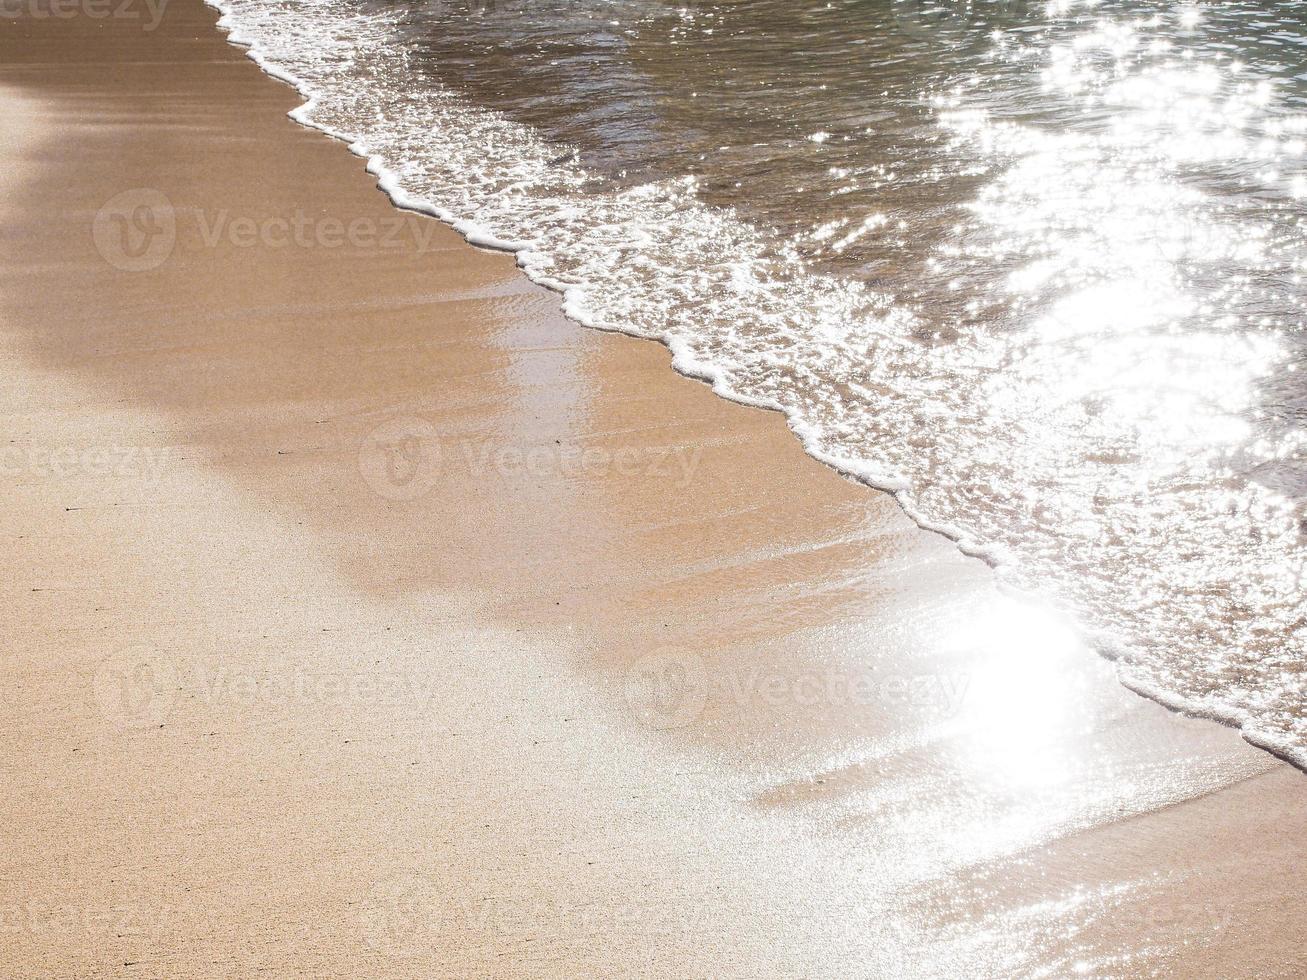 Welle von Waikiki Strand foto